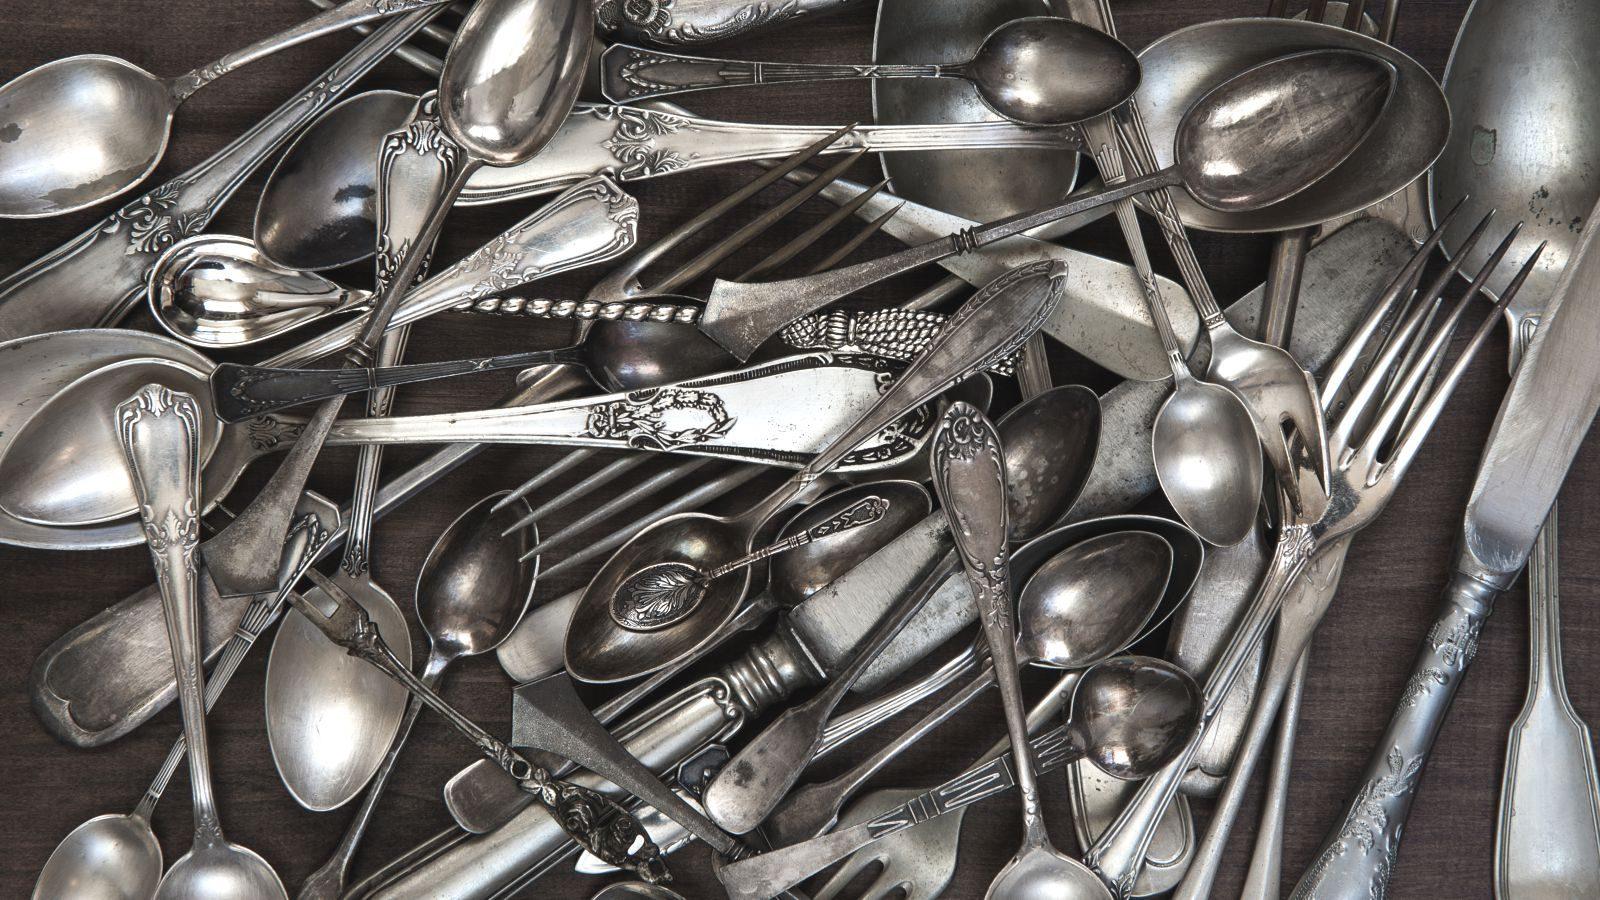 Let opskrift til rensning af sølvtøj